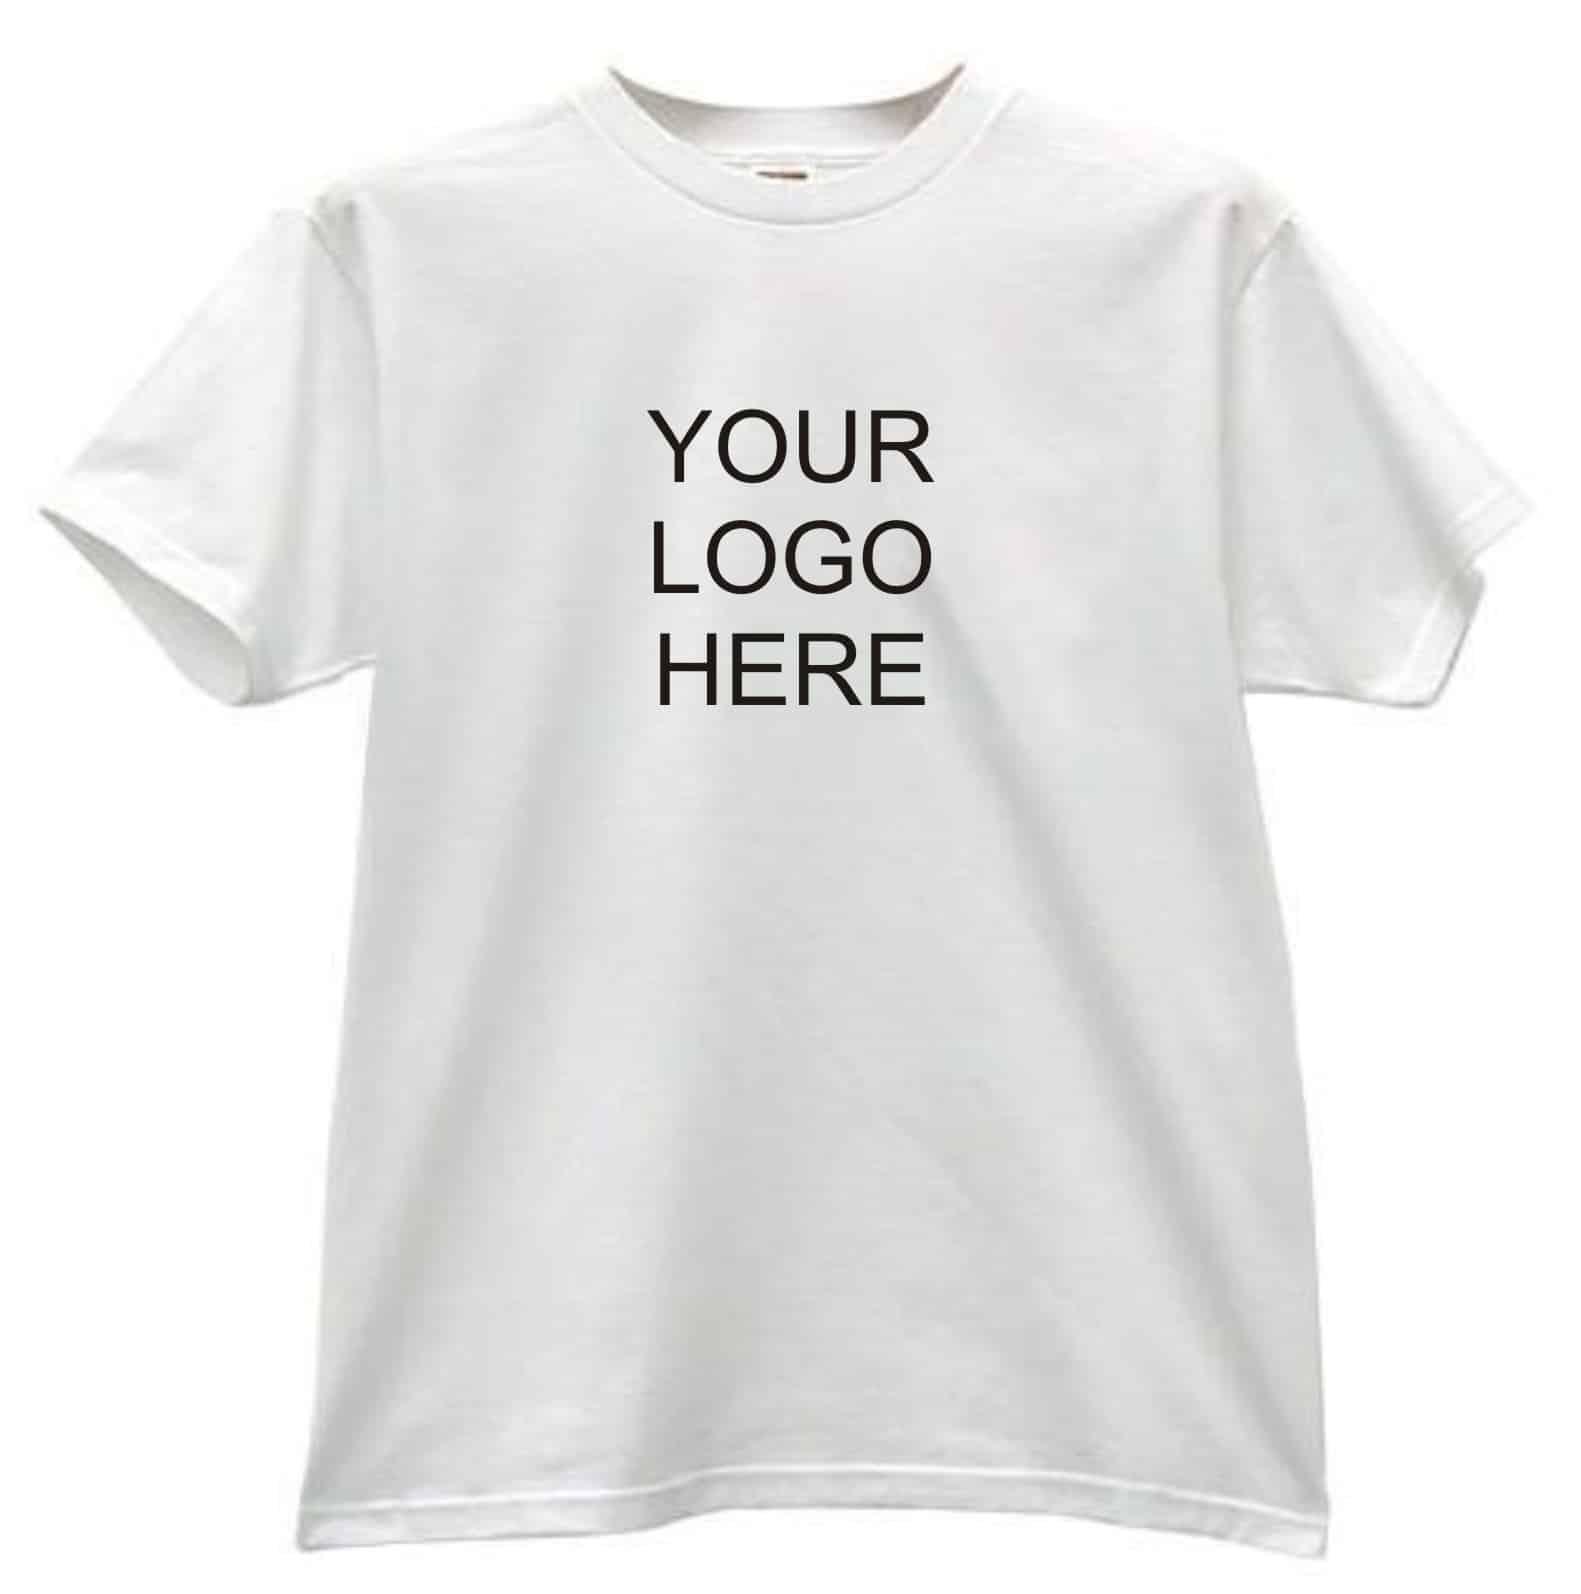 5 avantages de cr er son t shirt personnalis. Black Bedroom Furniture Sets. Home Design Ideas